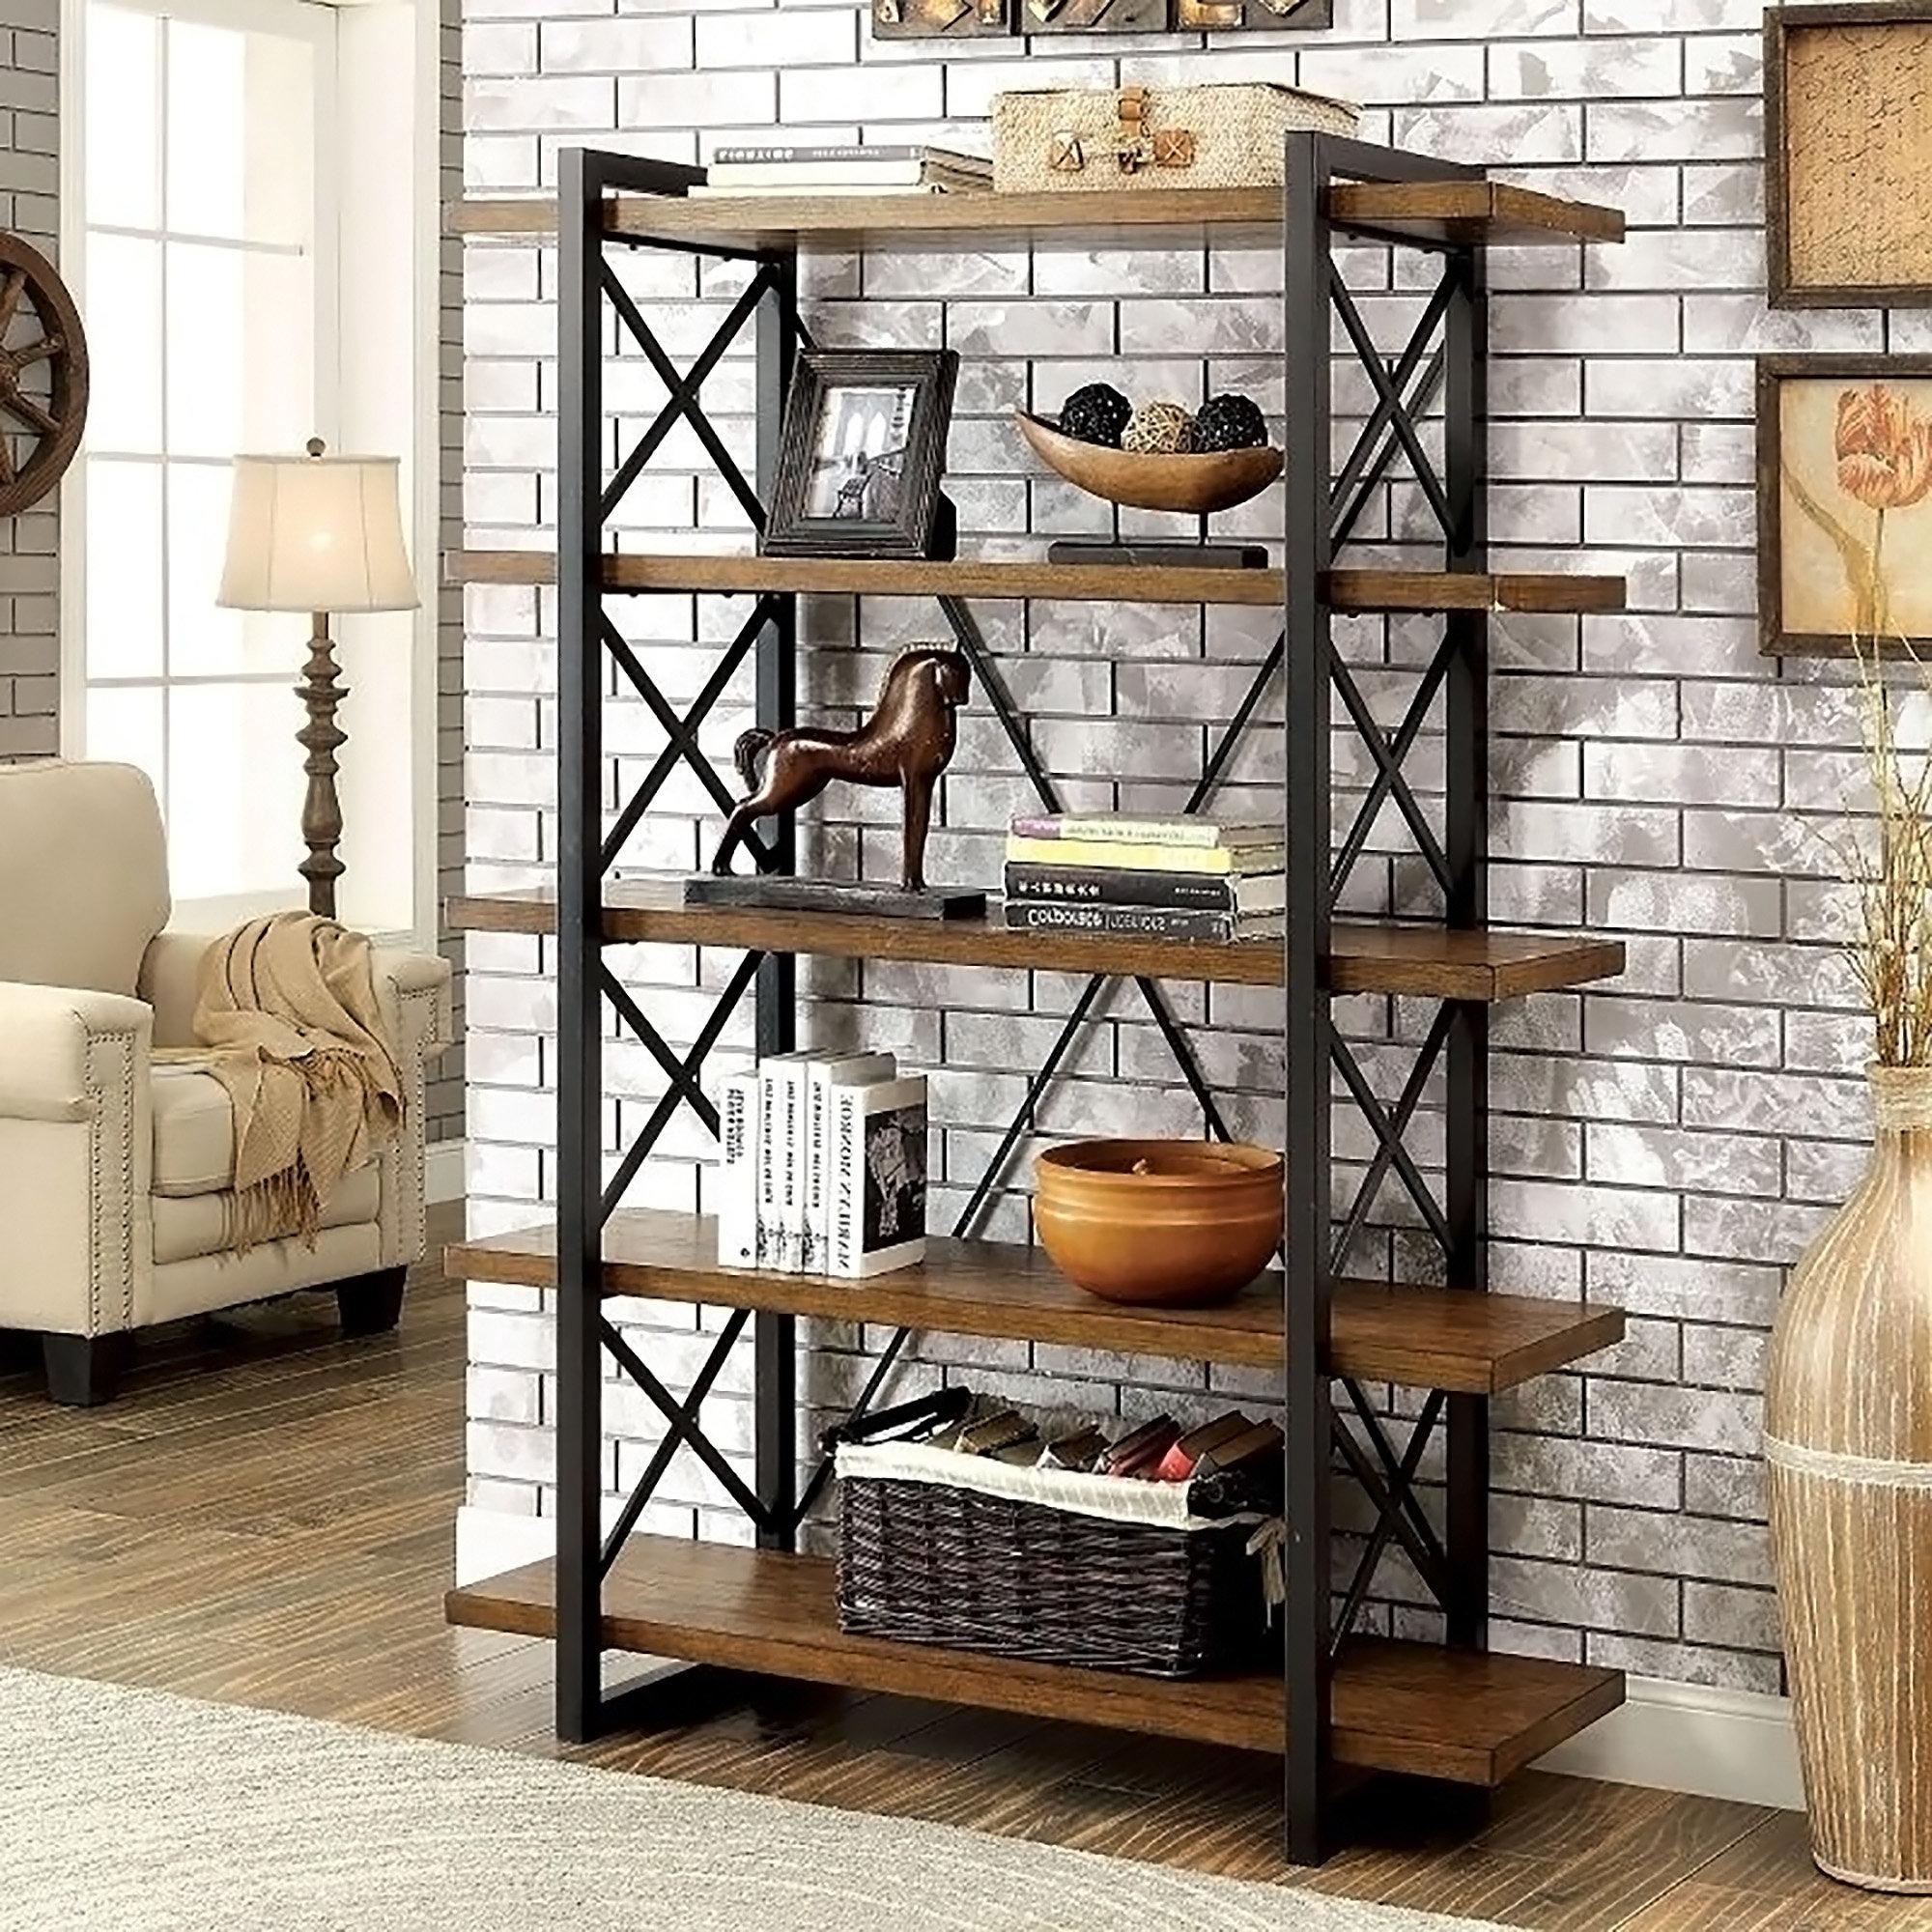 Fashionable Babbitt Etagere Bookcase Within Babbitt Etagere Bookcases (View 4 of 20)